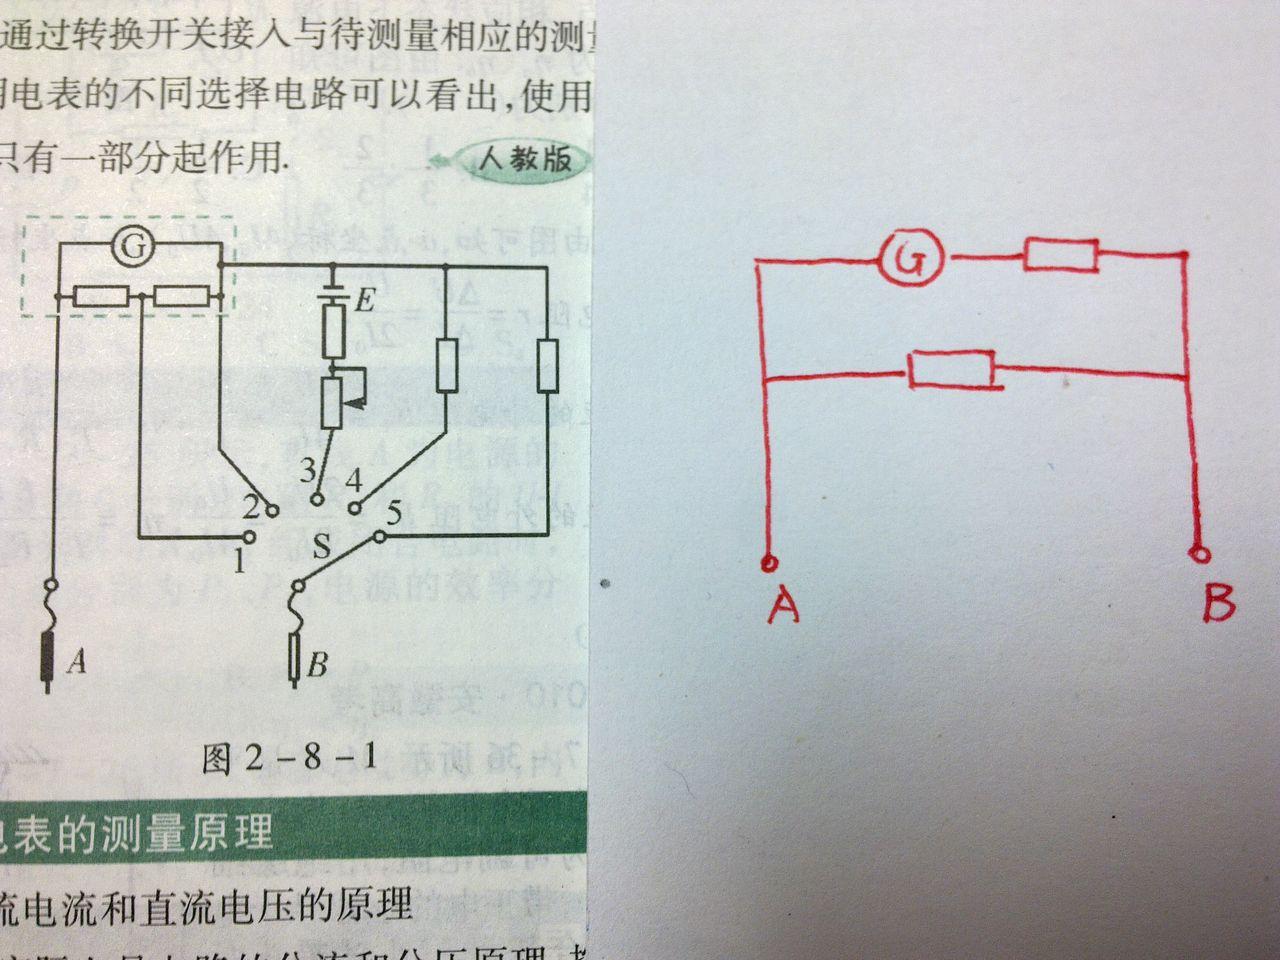 当图中b接头连接1时,可以把电路图简化为右边的图.